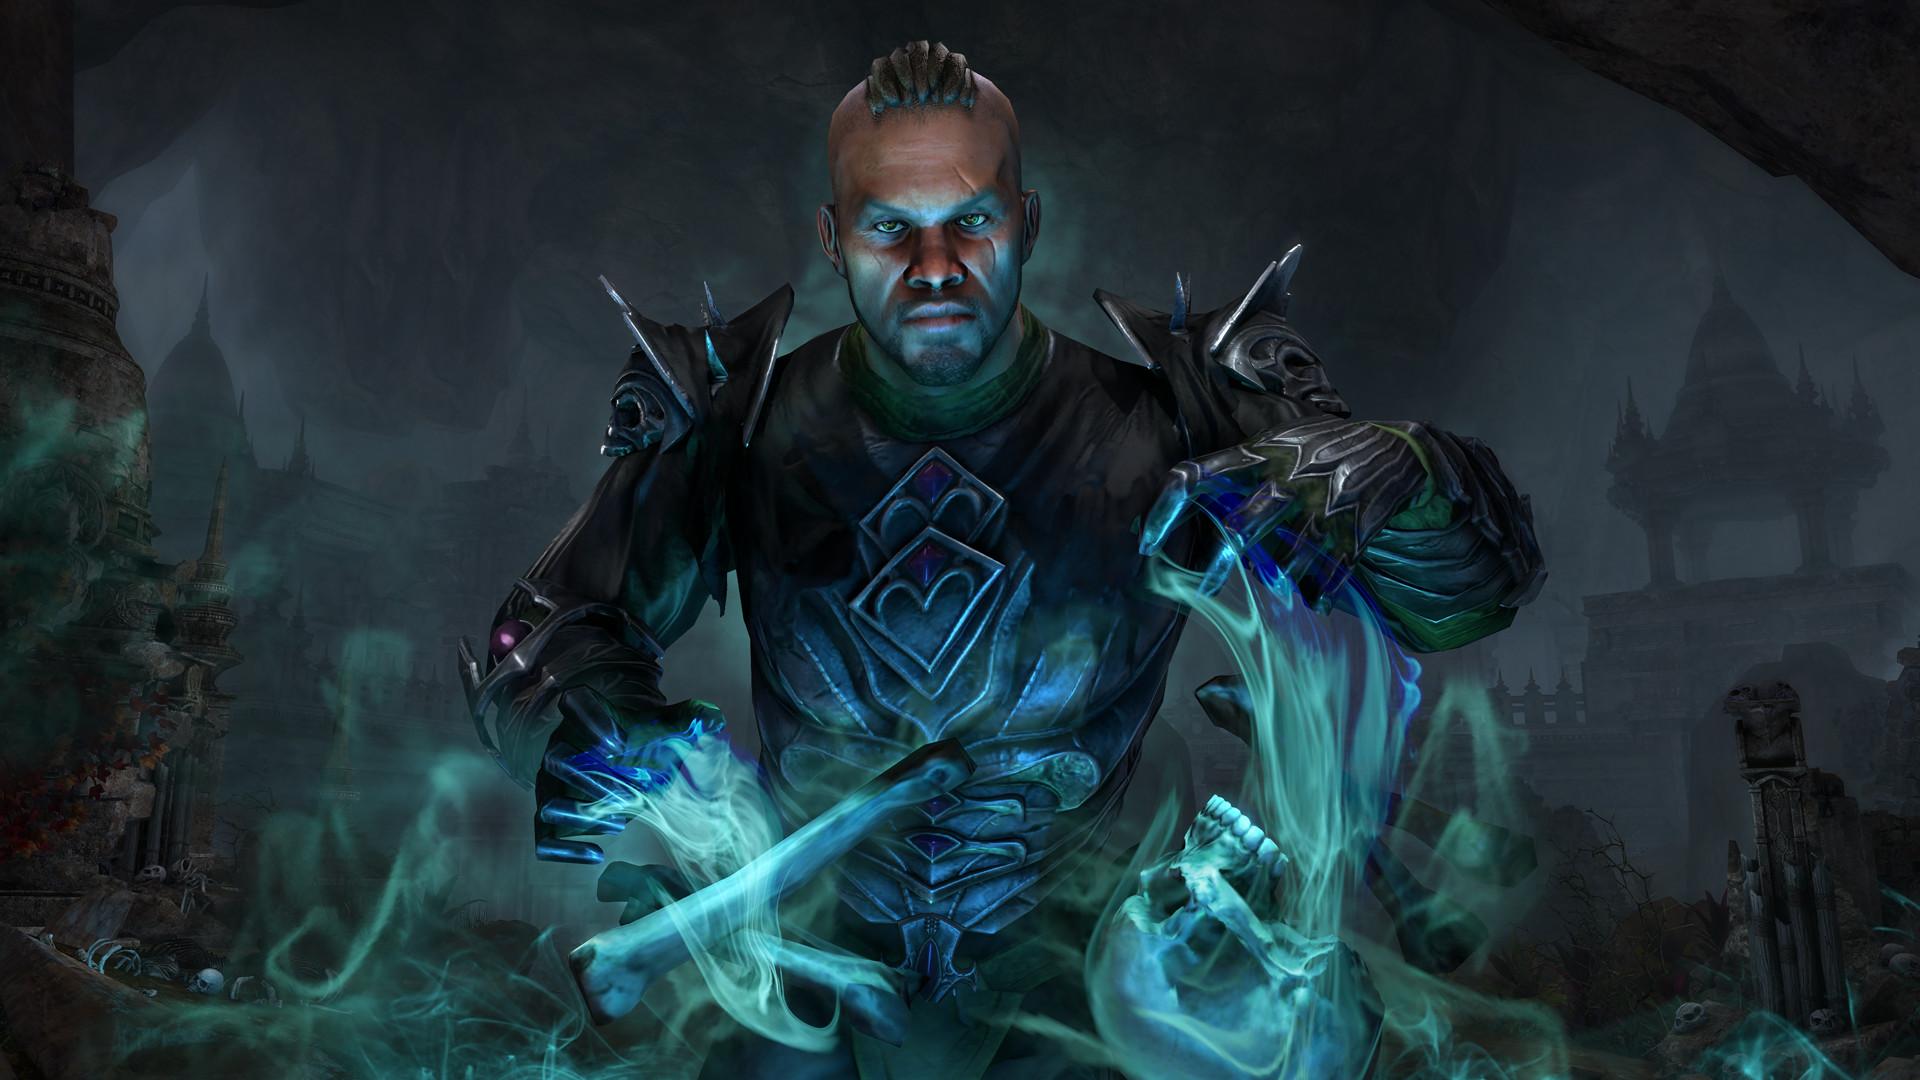 上古卷轴OL The Elder Scrolls® Online: Tamriel Unlimited™ - 叽咪叽咪 | 游戏评测